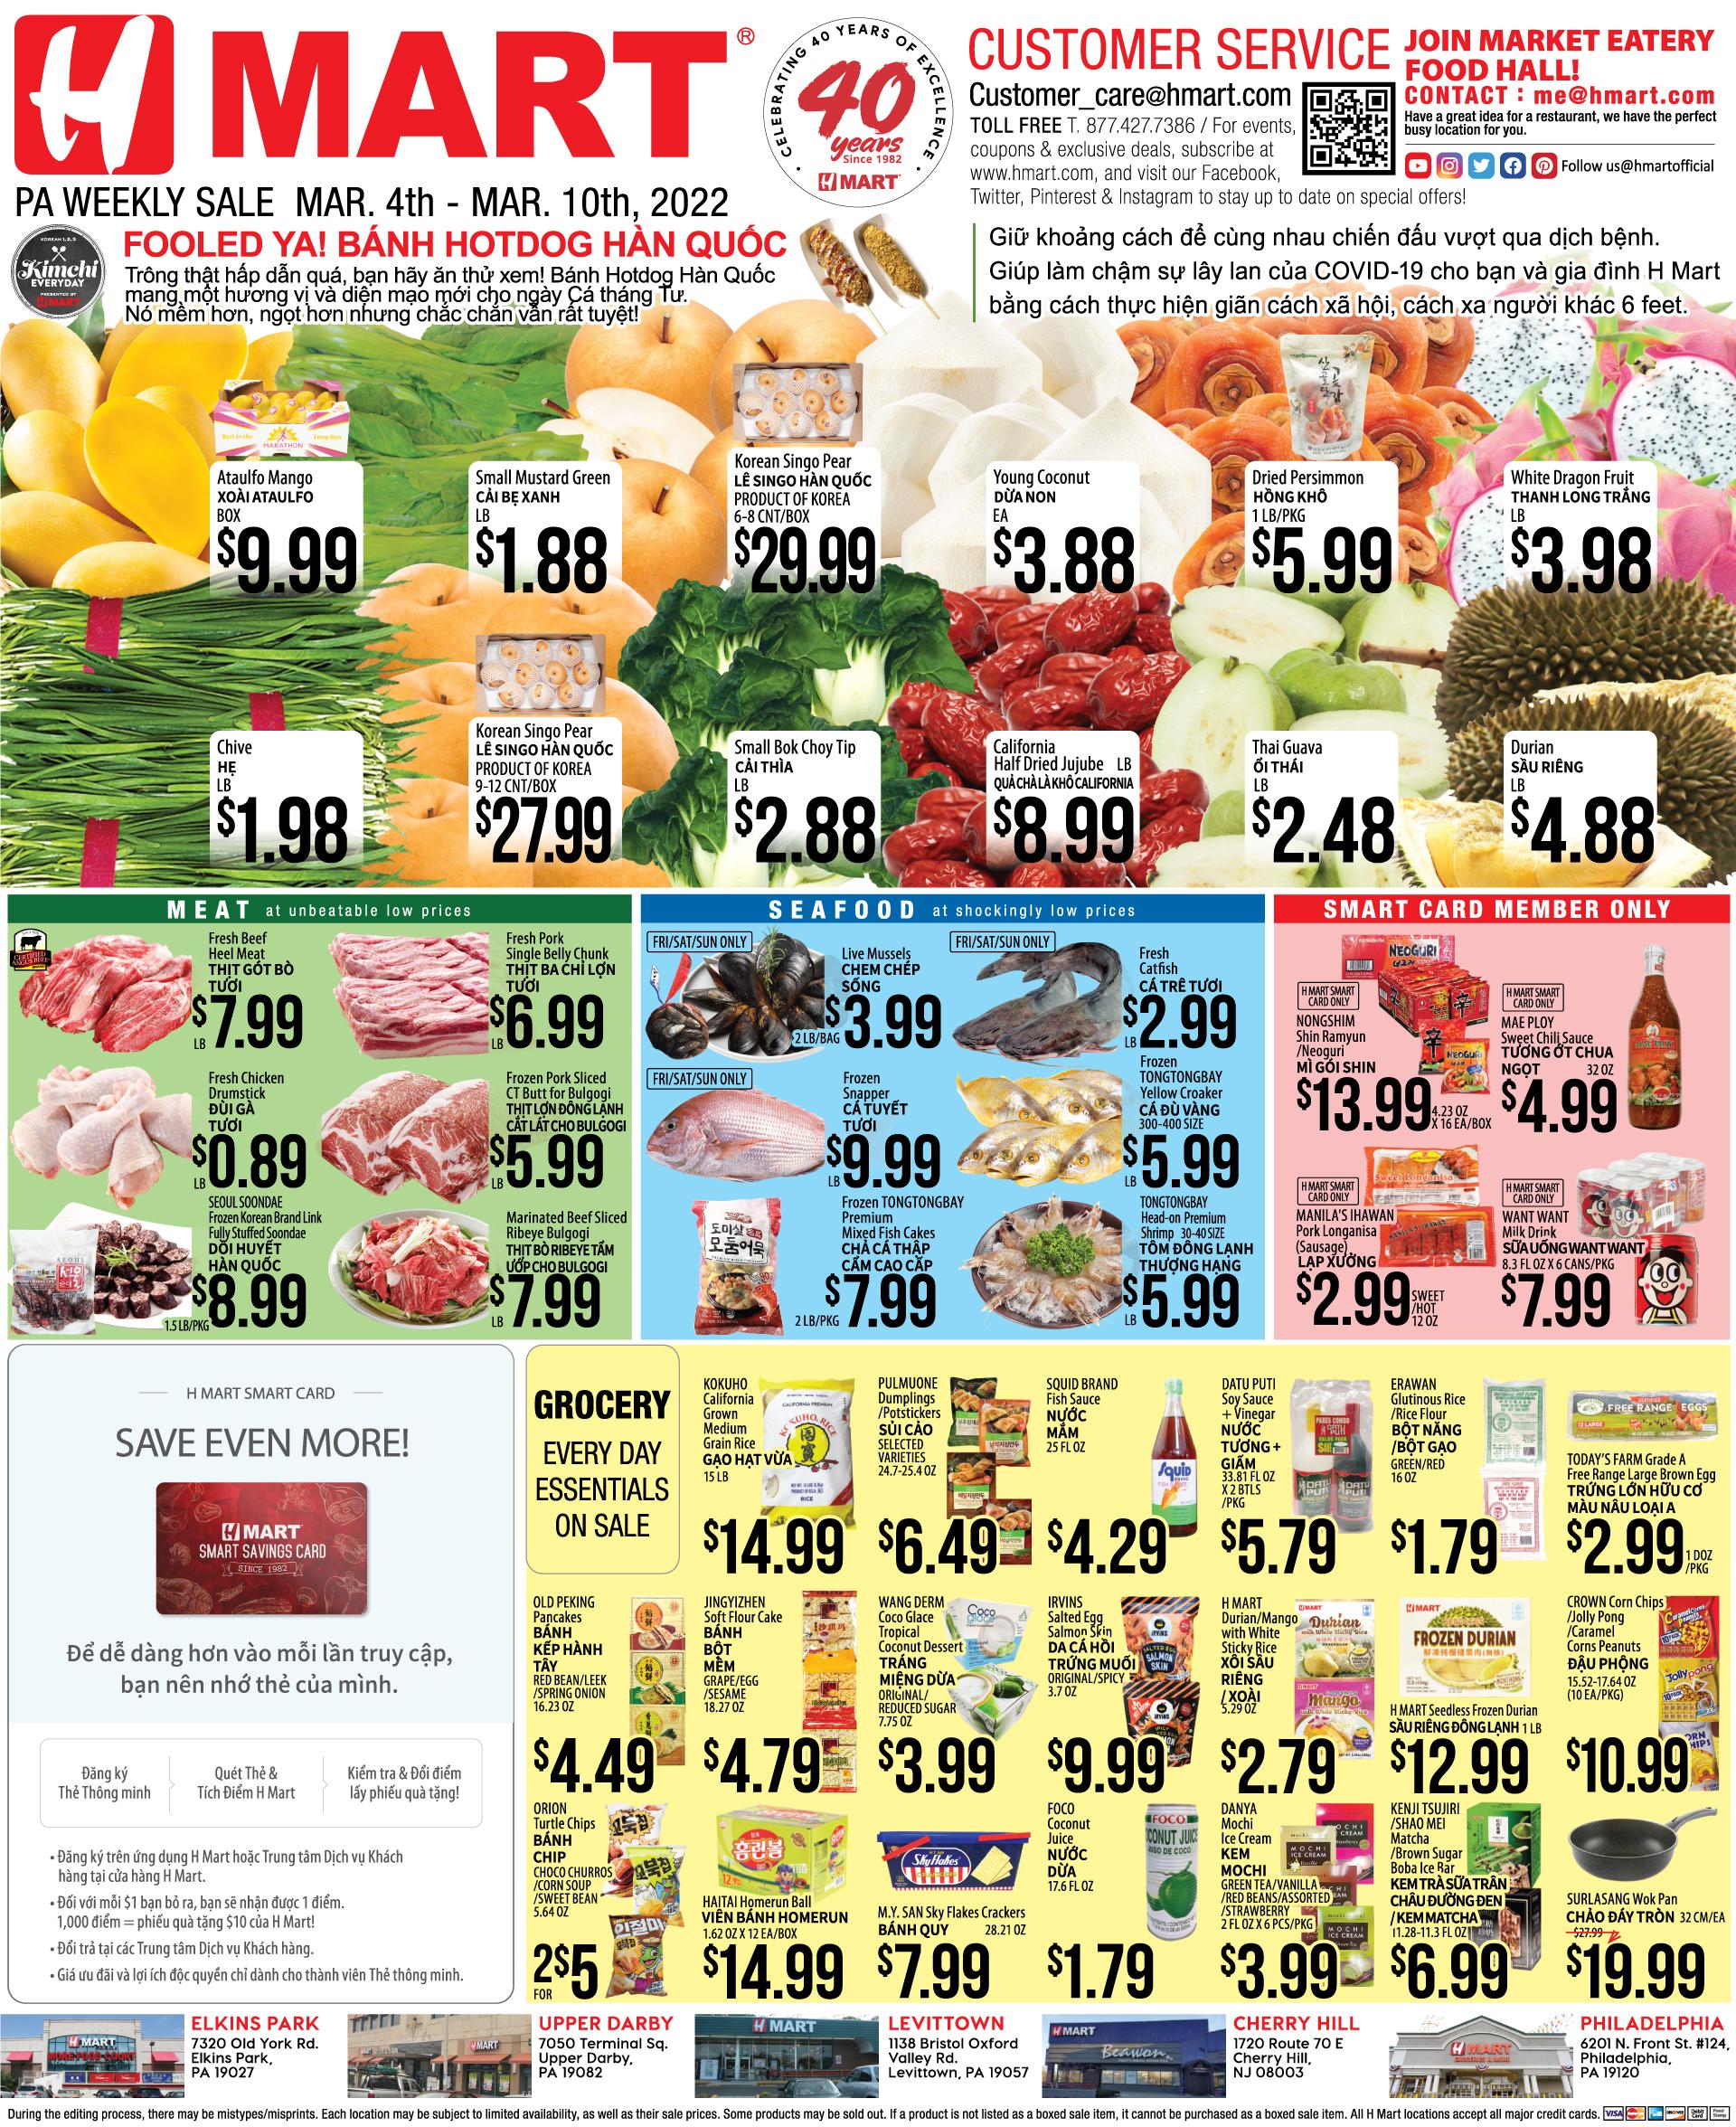 Weekly sales on Pennsylvania